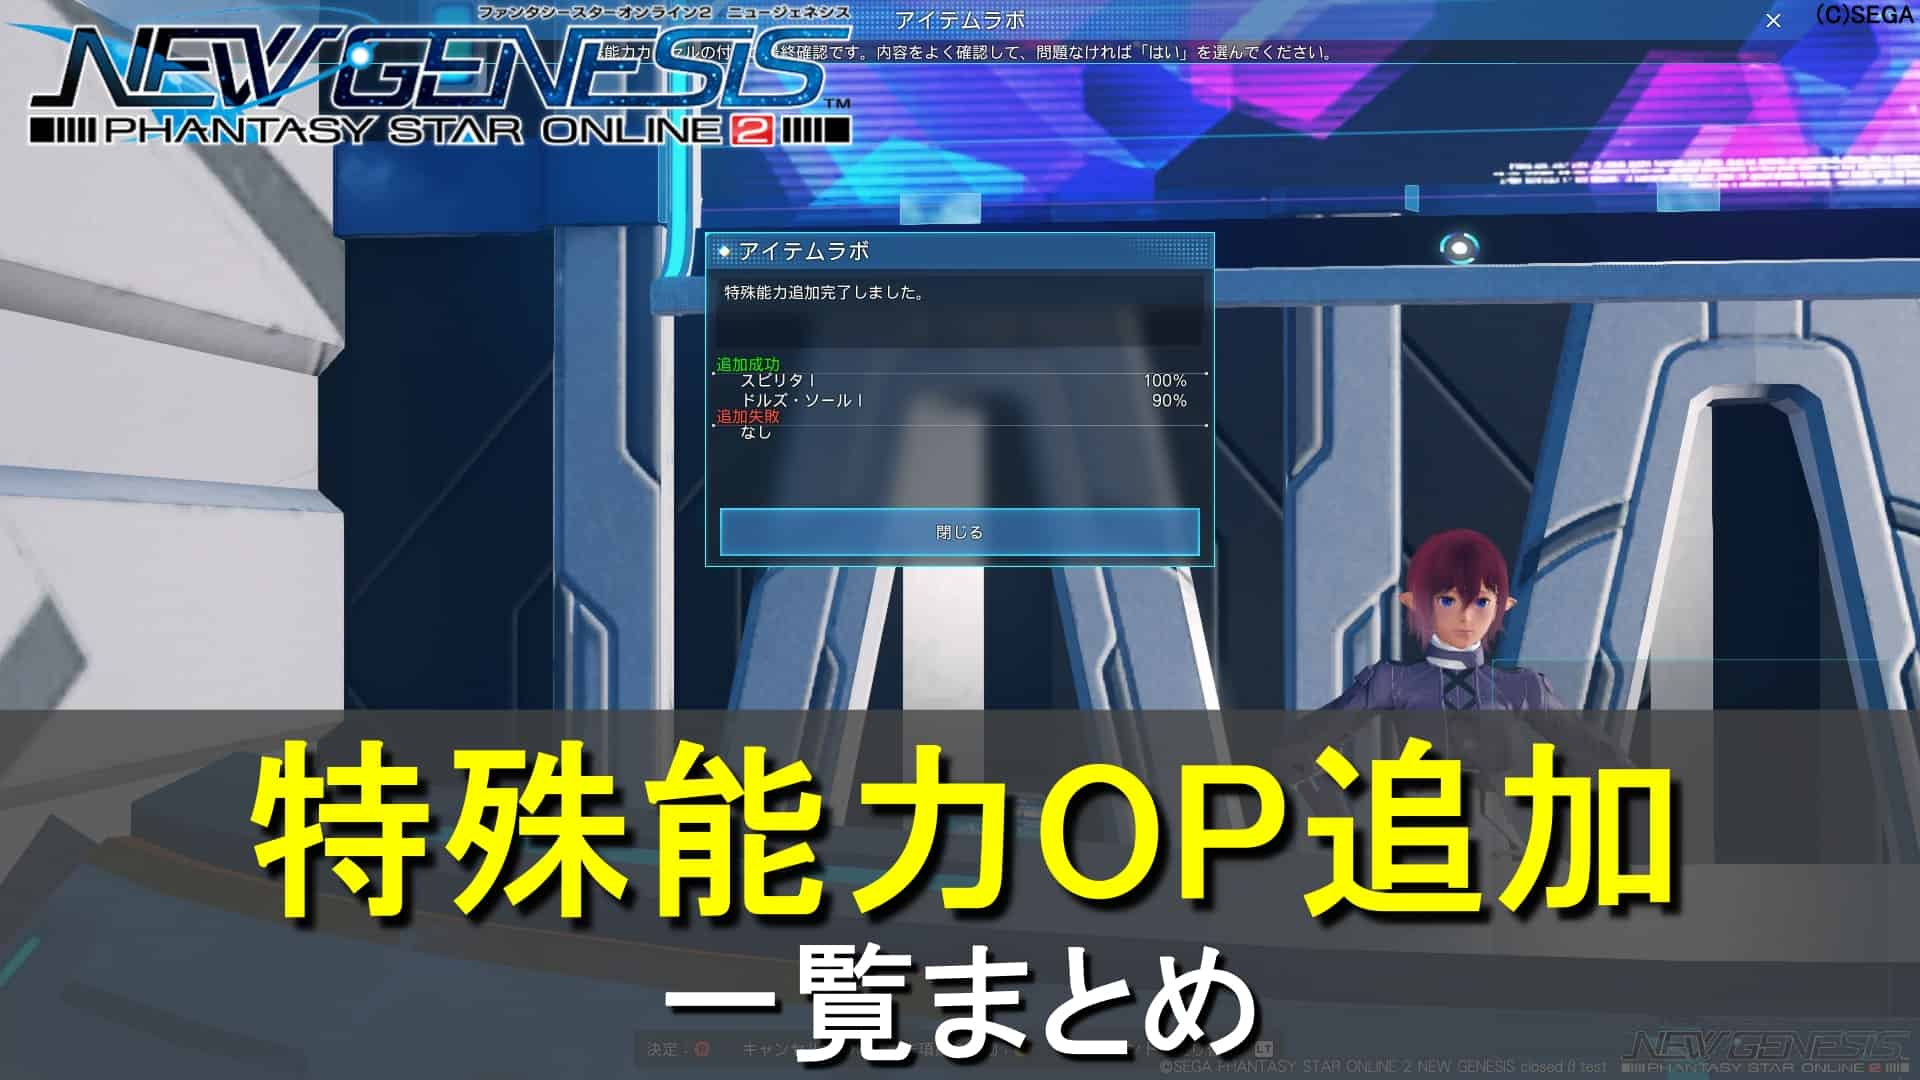 【PSO2NGS】特殊能力(OP付け)追加まとめ